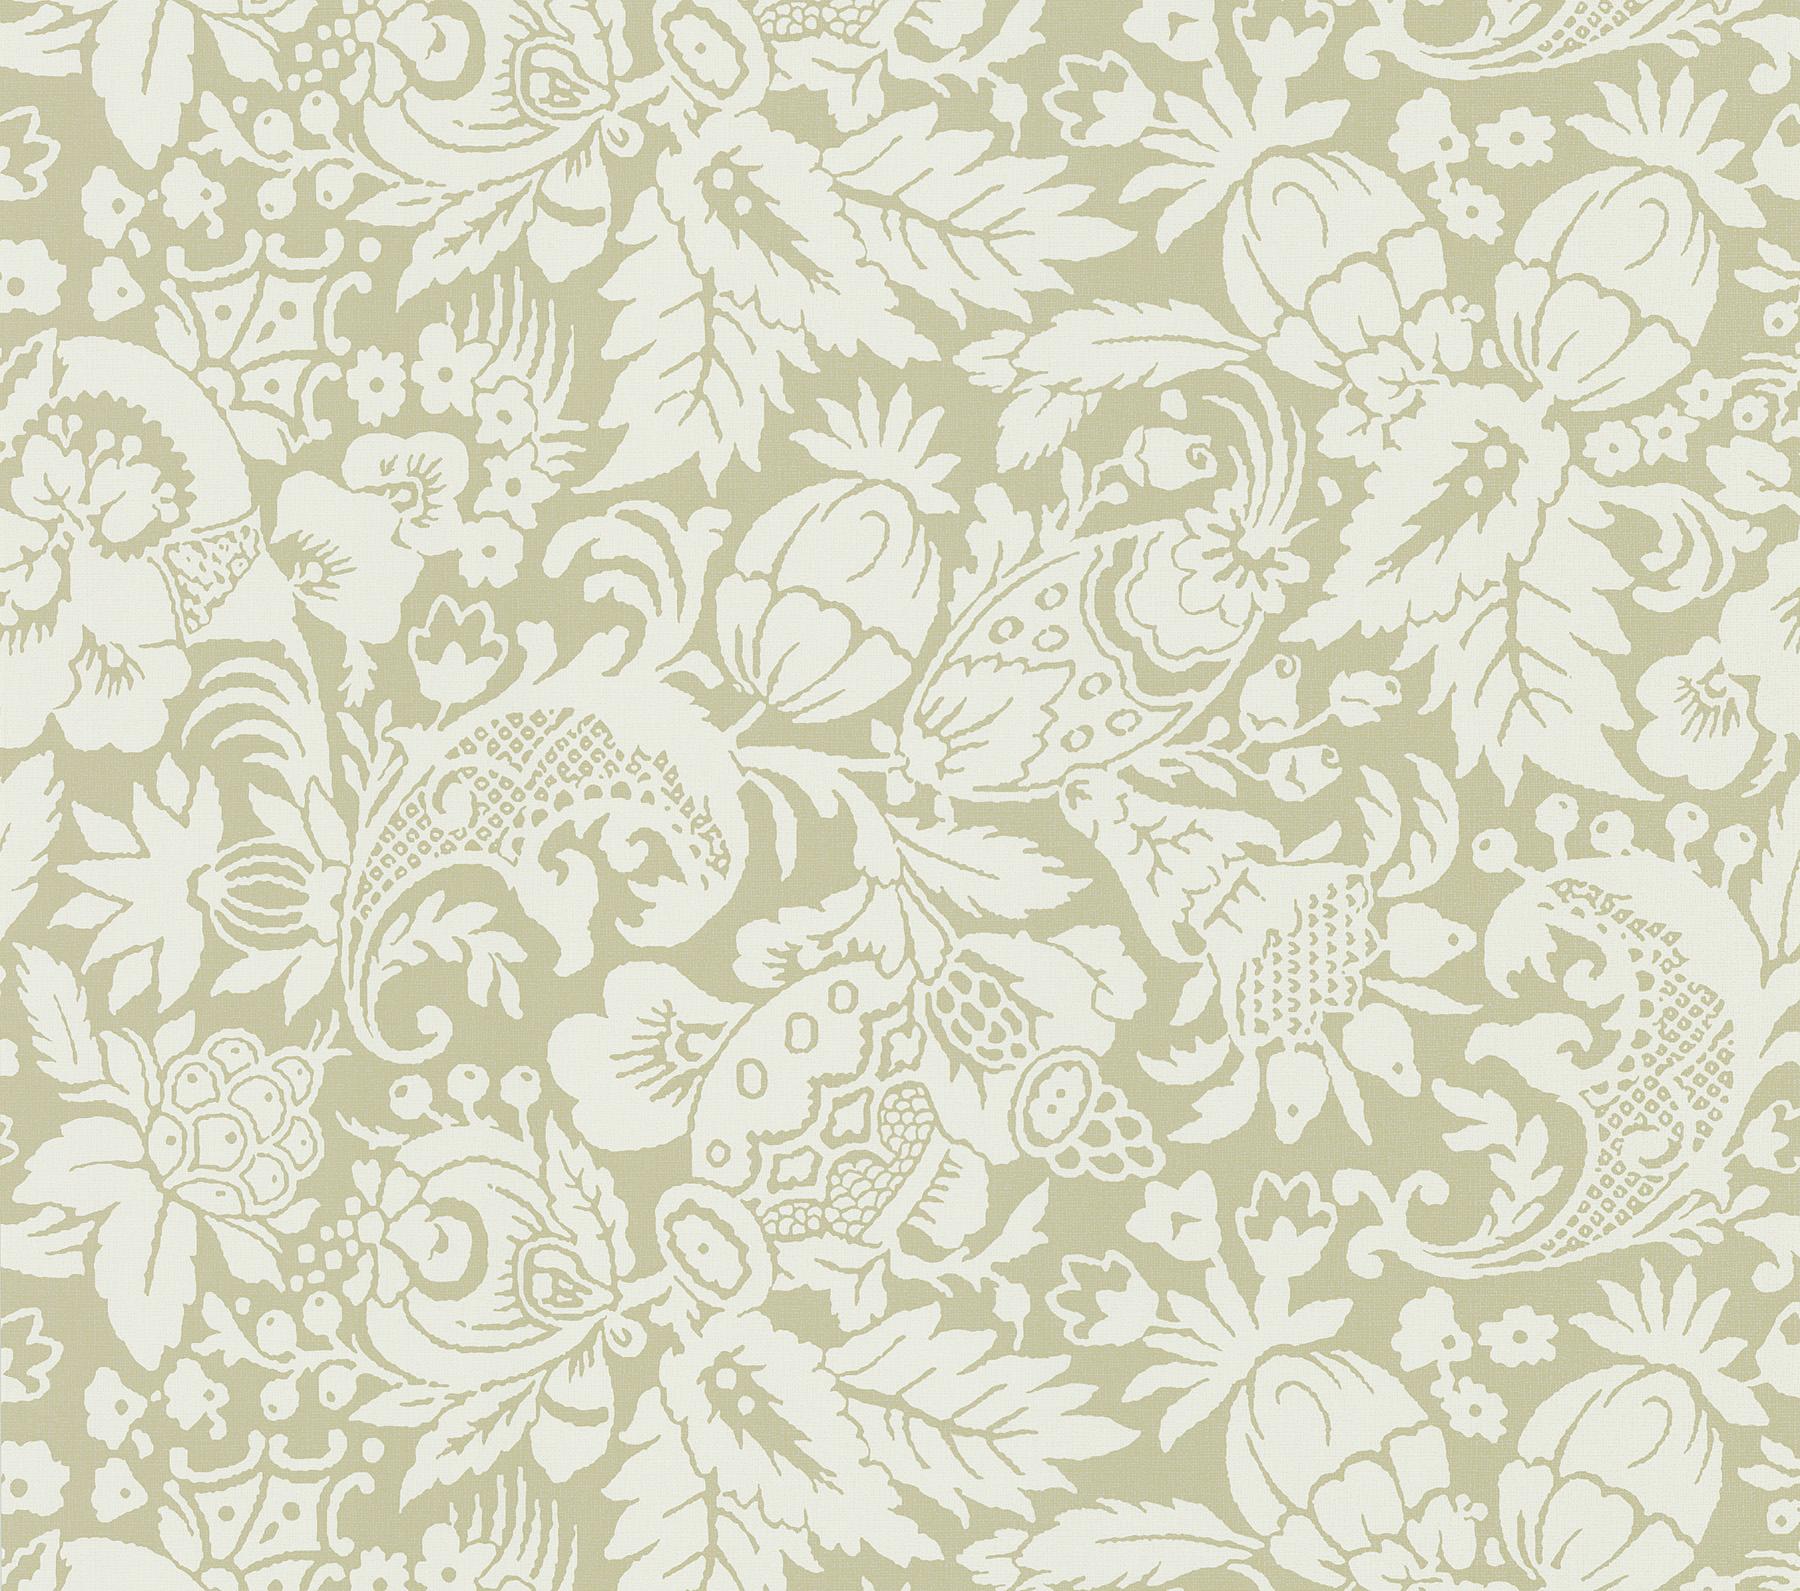 Picture of Bali Beige Scrolling Pattern Wallpaper